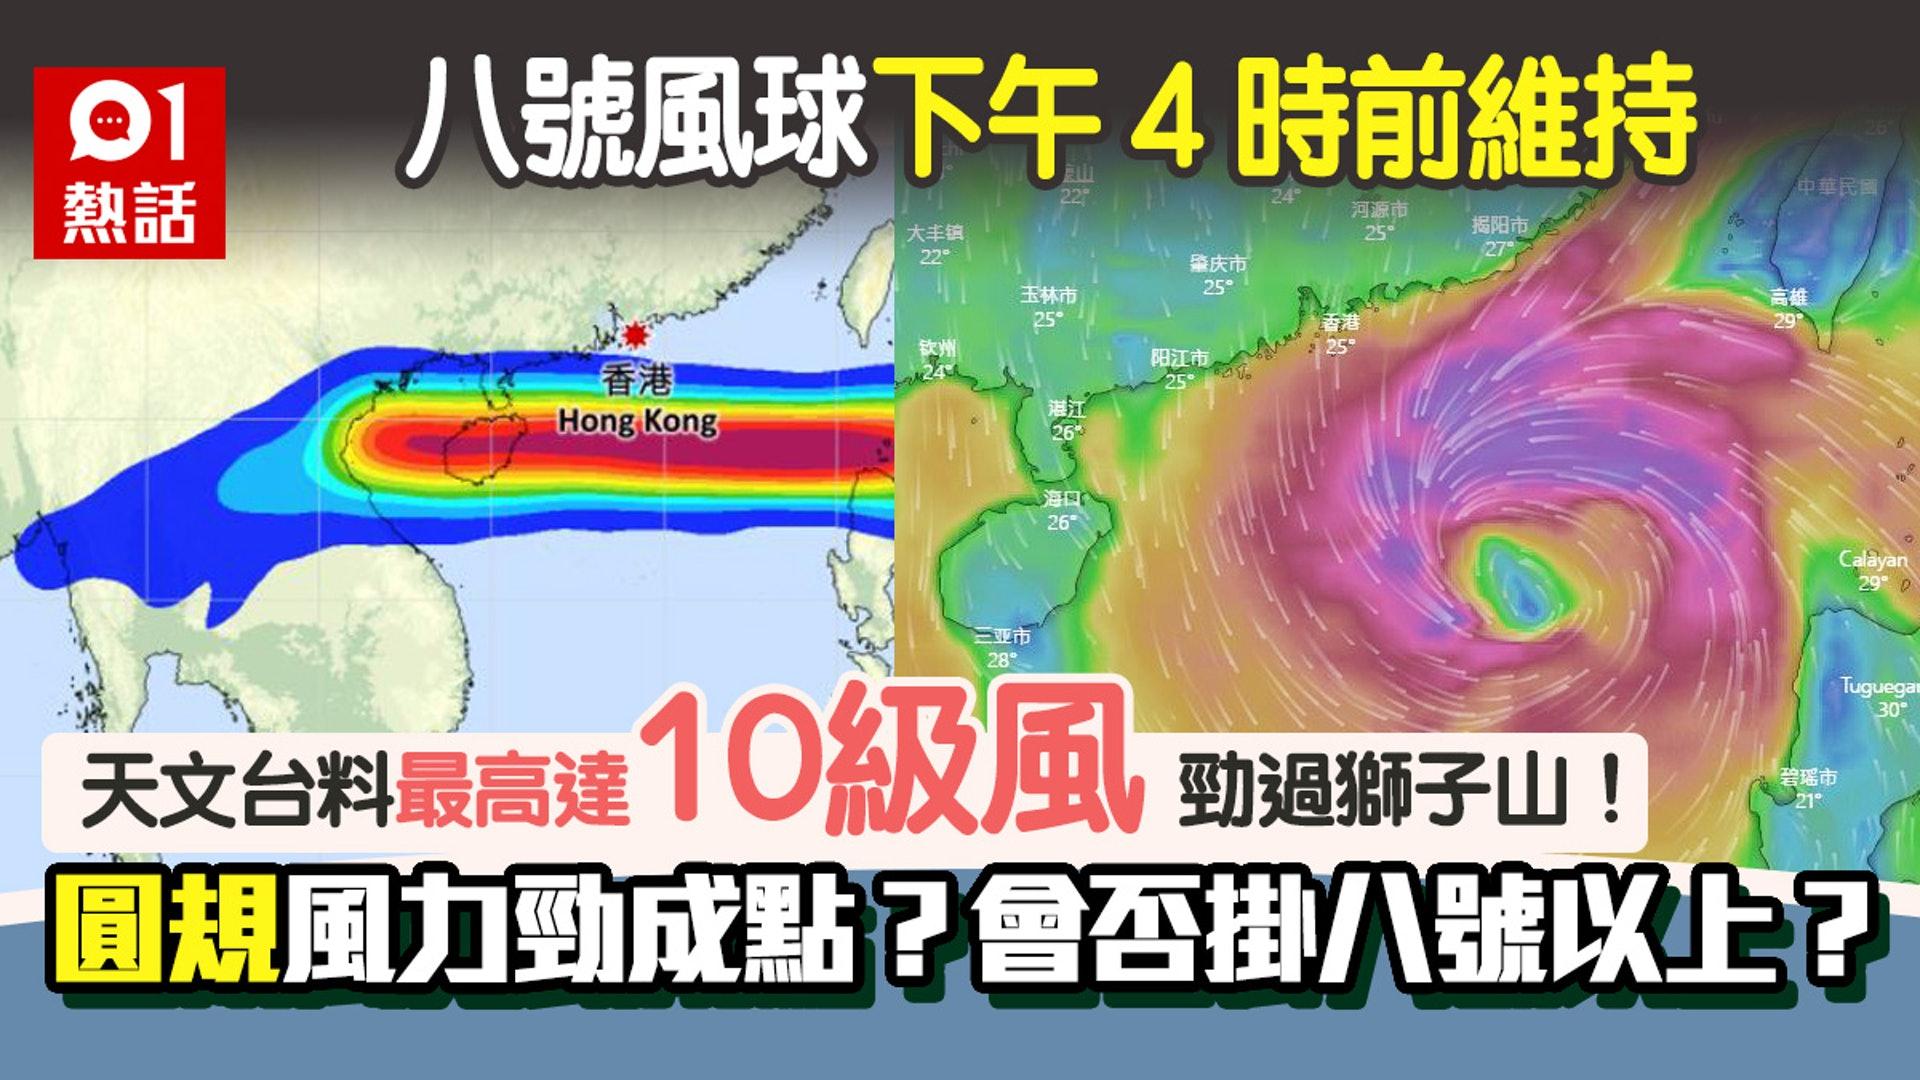 圓規│8號波下午4時前維持!天文台料達10級風 會否掛更高看4因素